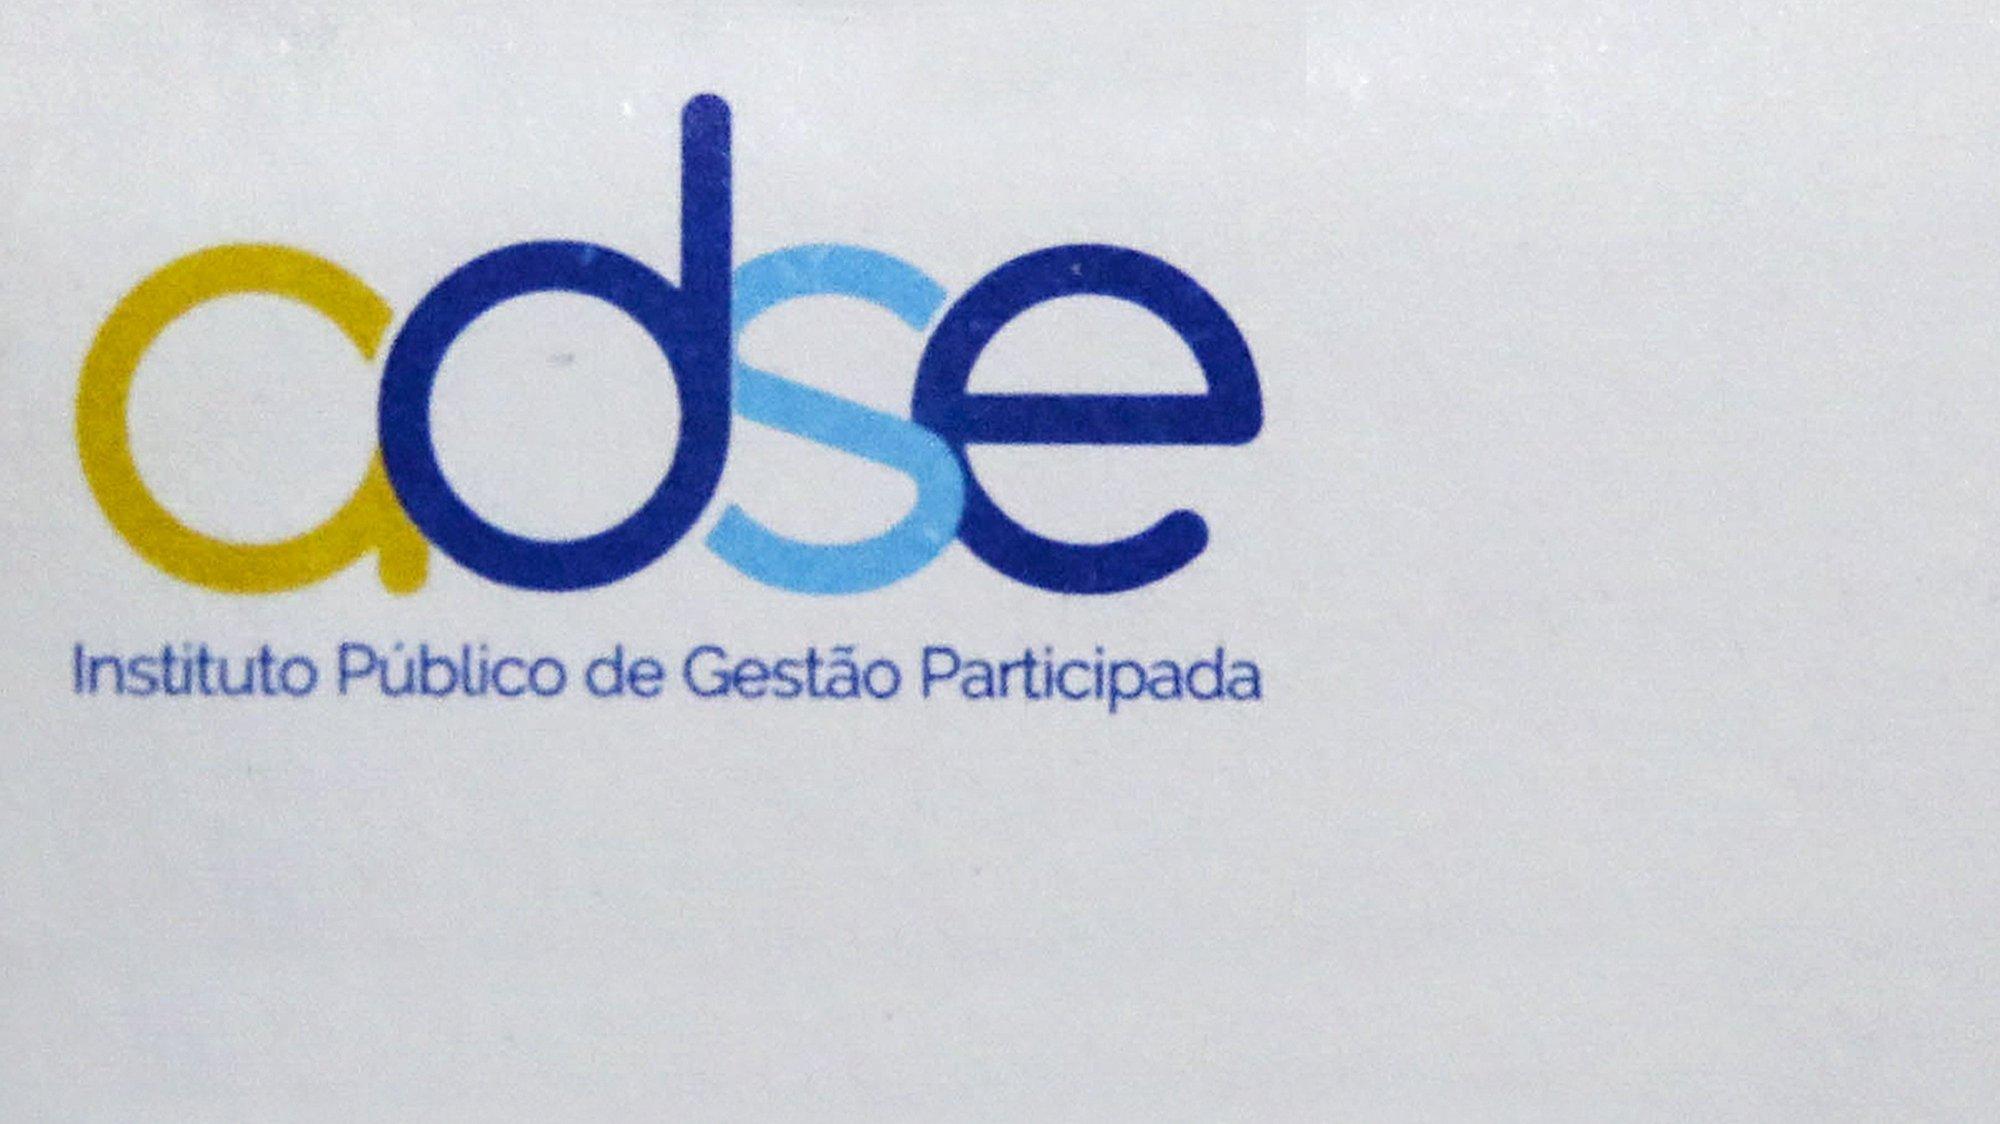 ADSE, Instituto Publico de Gestão Participada, 12 fevereiro 2019. LUSA